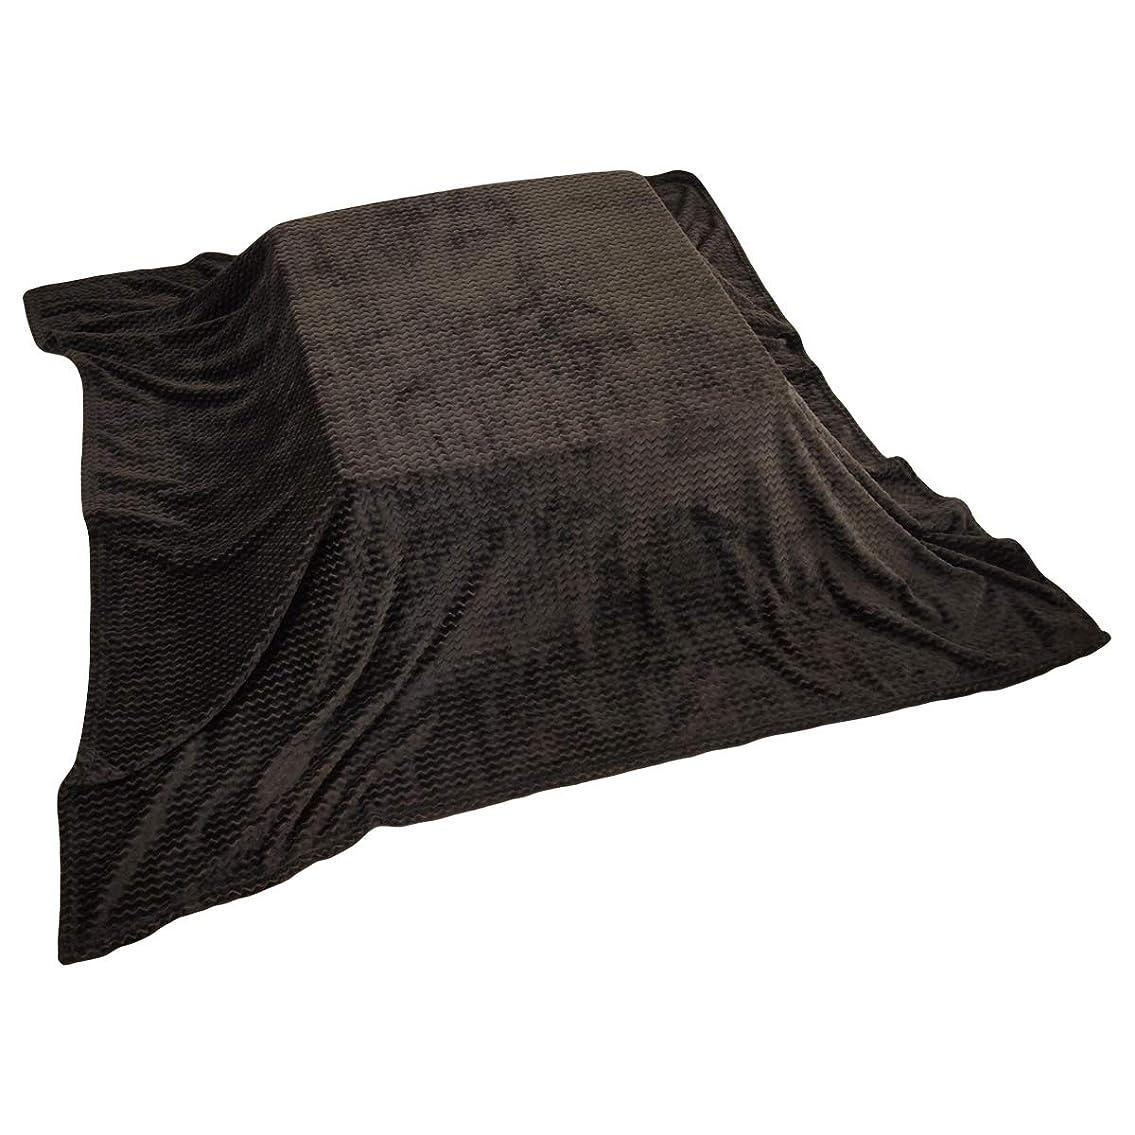 並外れた海峡ひもコンクリートこたつ中掛け毛布 大判 正方形210×210cm フランネル素材 マルチカバーとしても使えます こたつ 布団 毛布 (ブラウン)